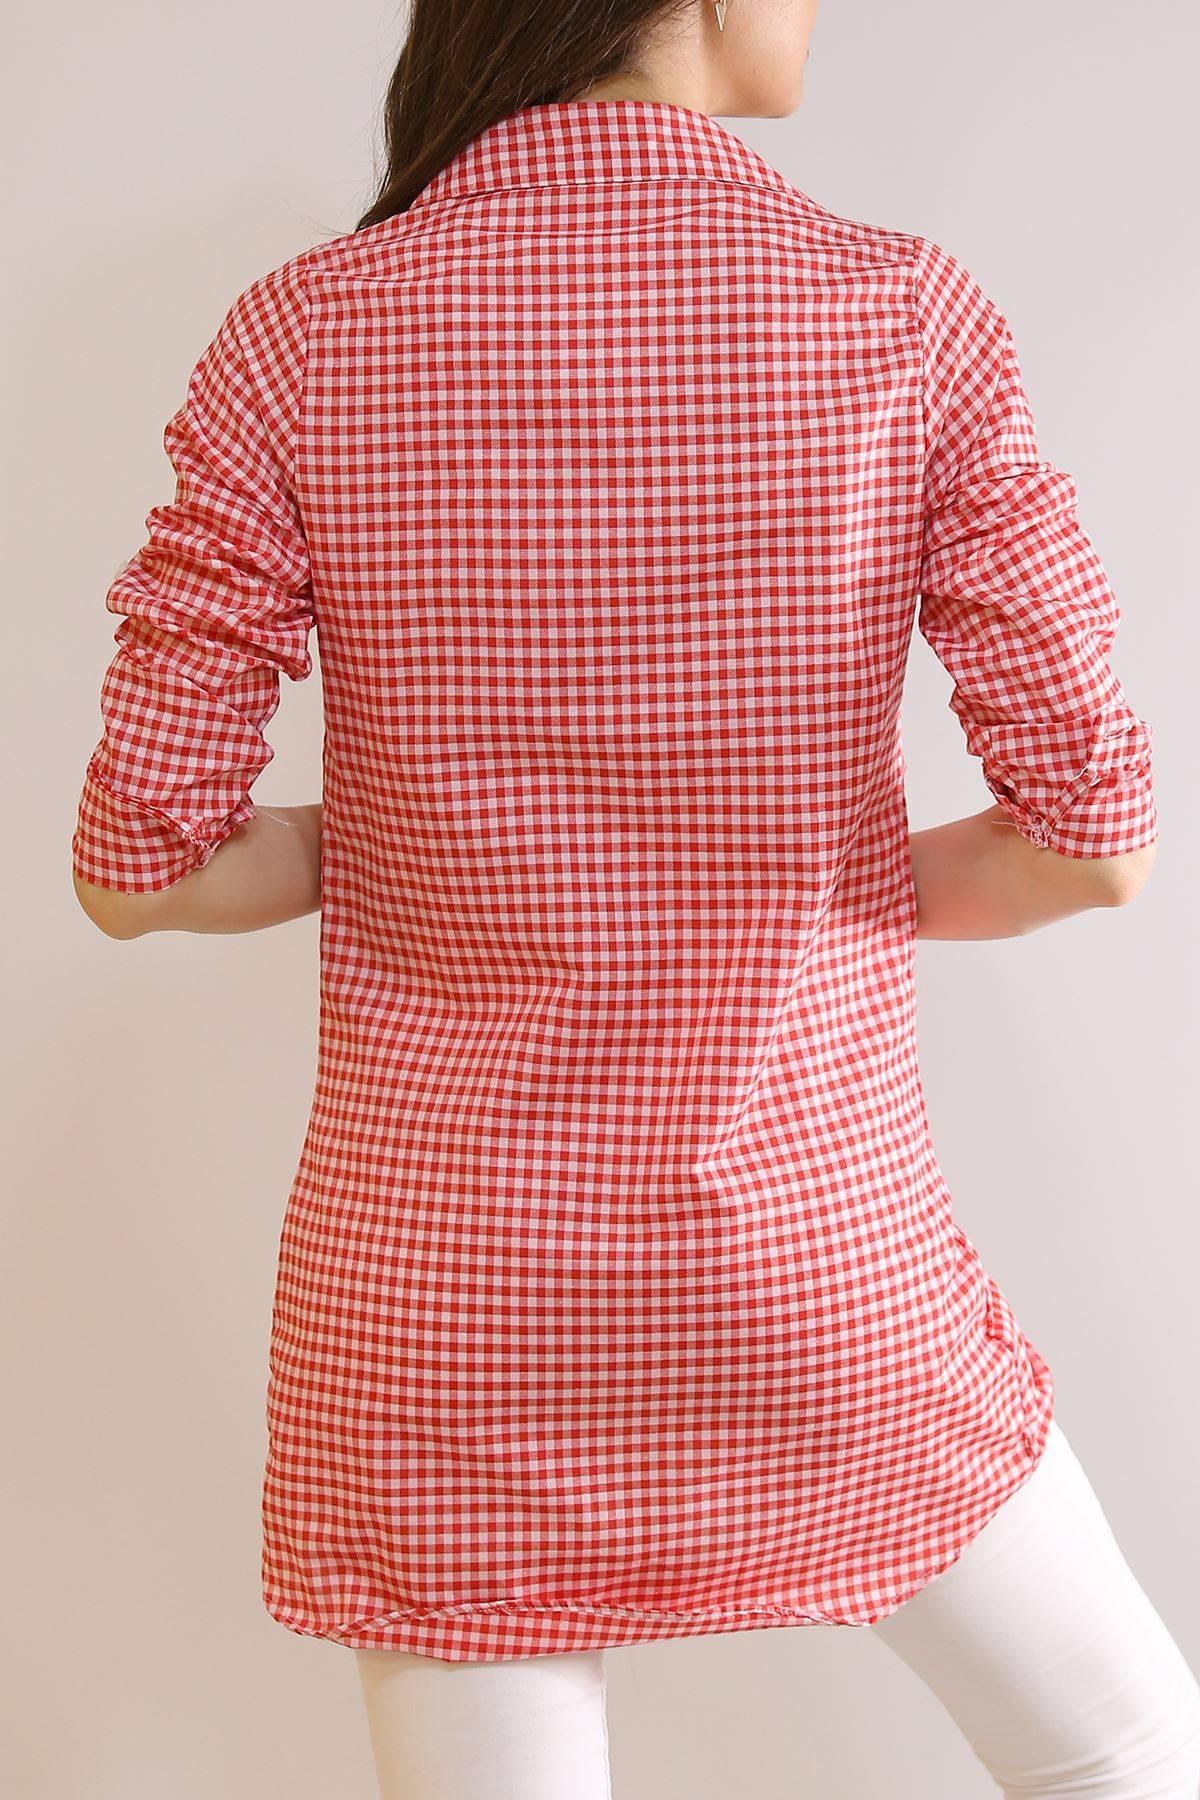 Tunik Gömlek Kırmızı1 - 5905.1376.